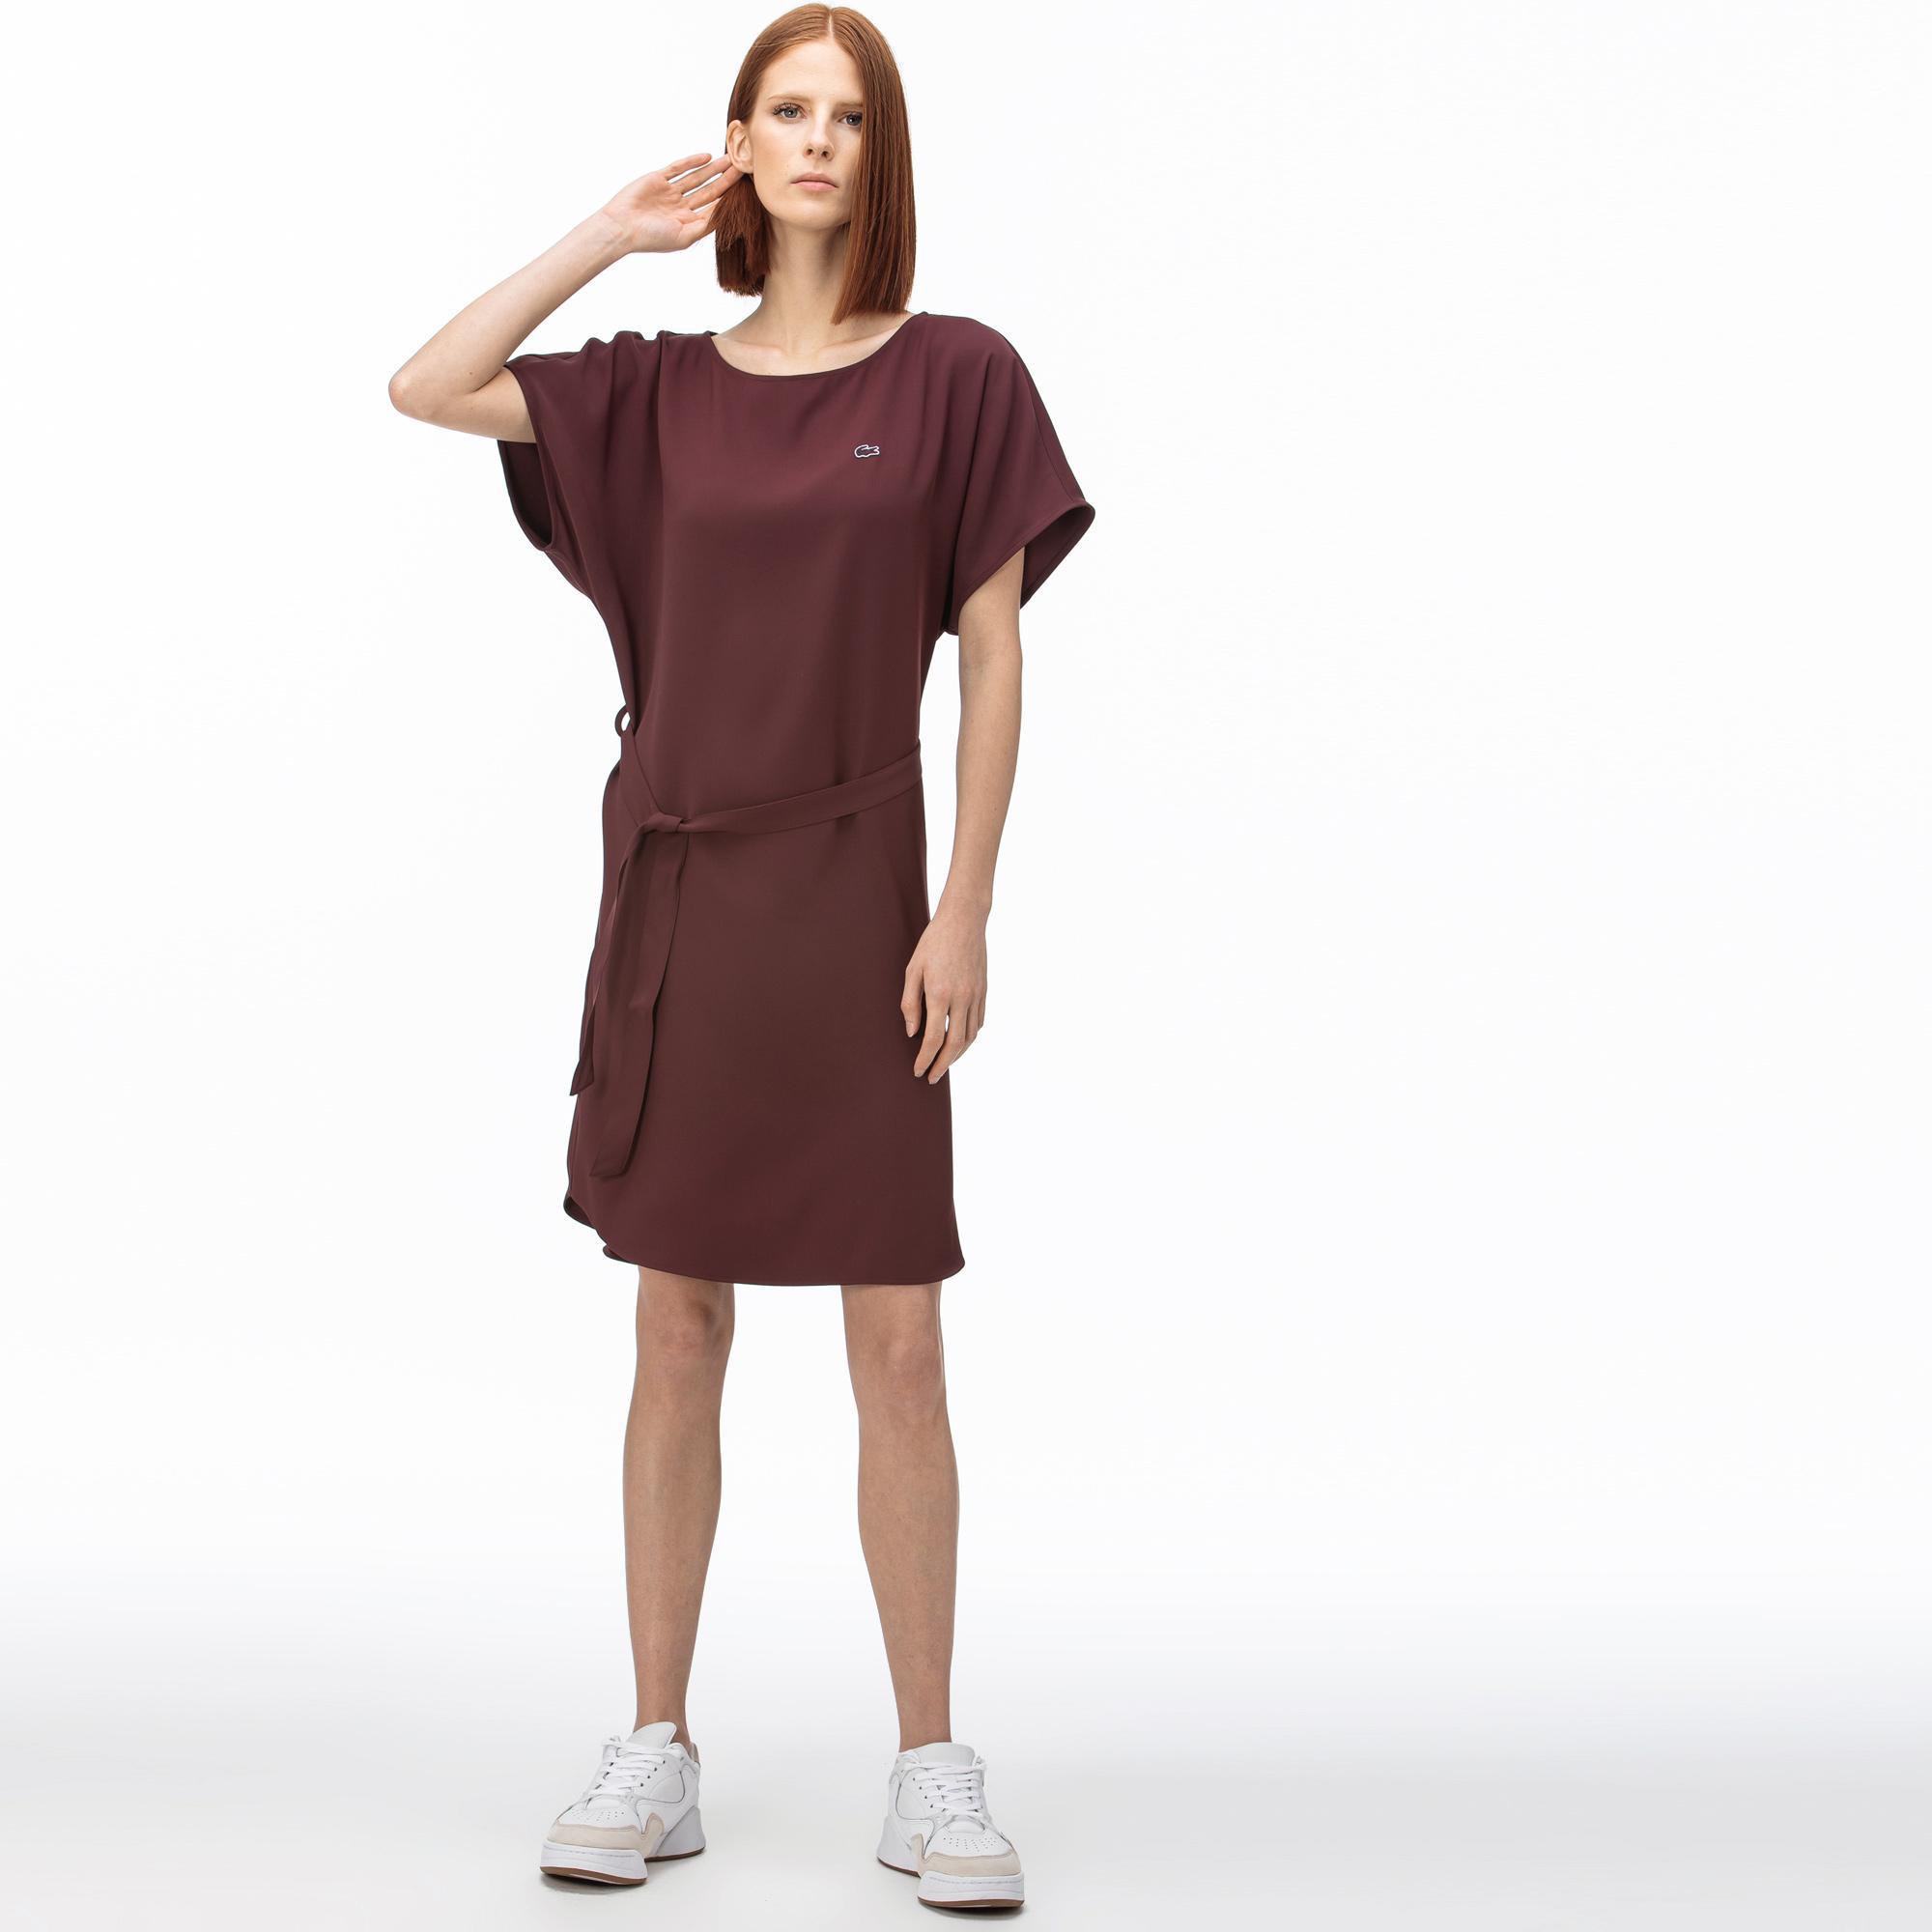 Lacoste Kadın Kayık Yaka Kısa Kollu Bordo Elbise